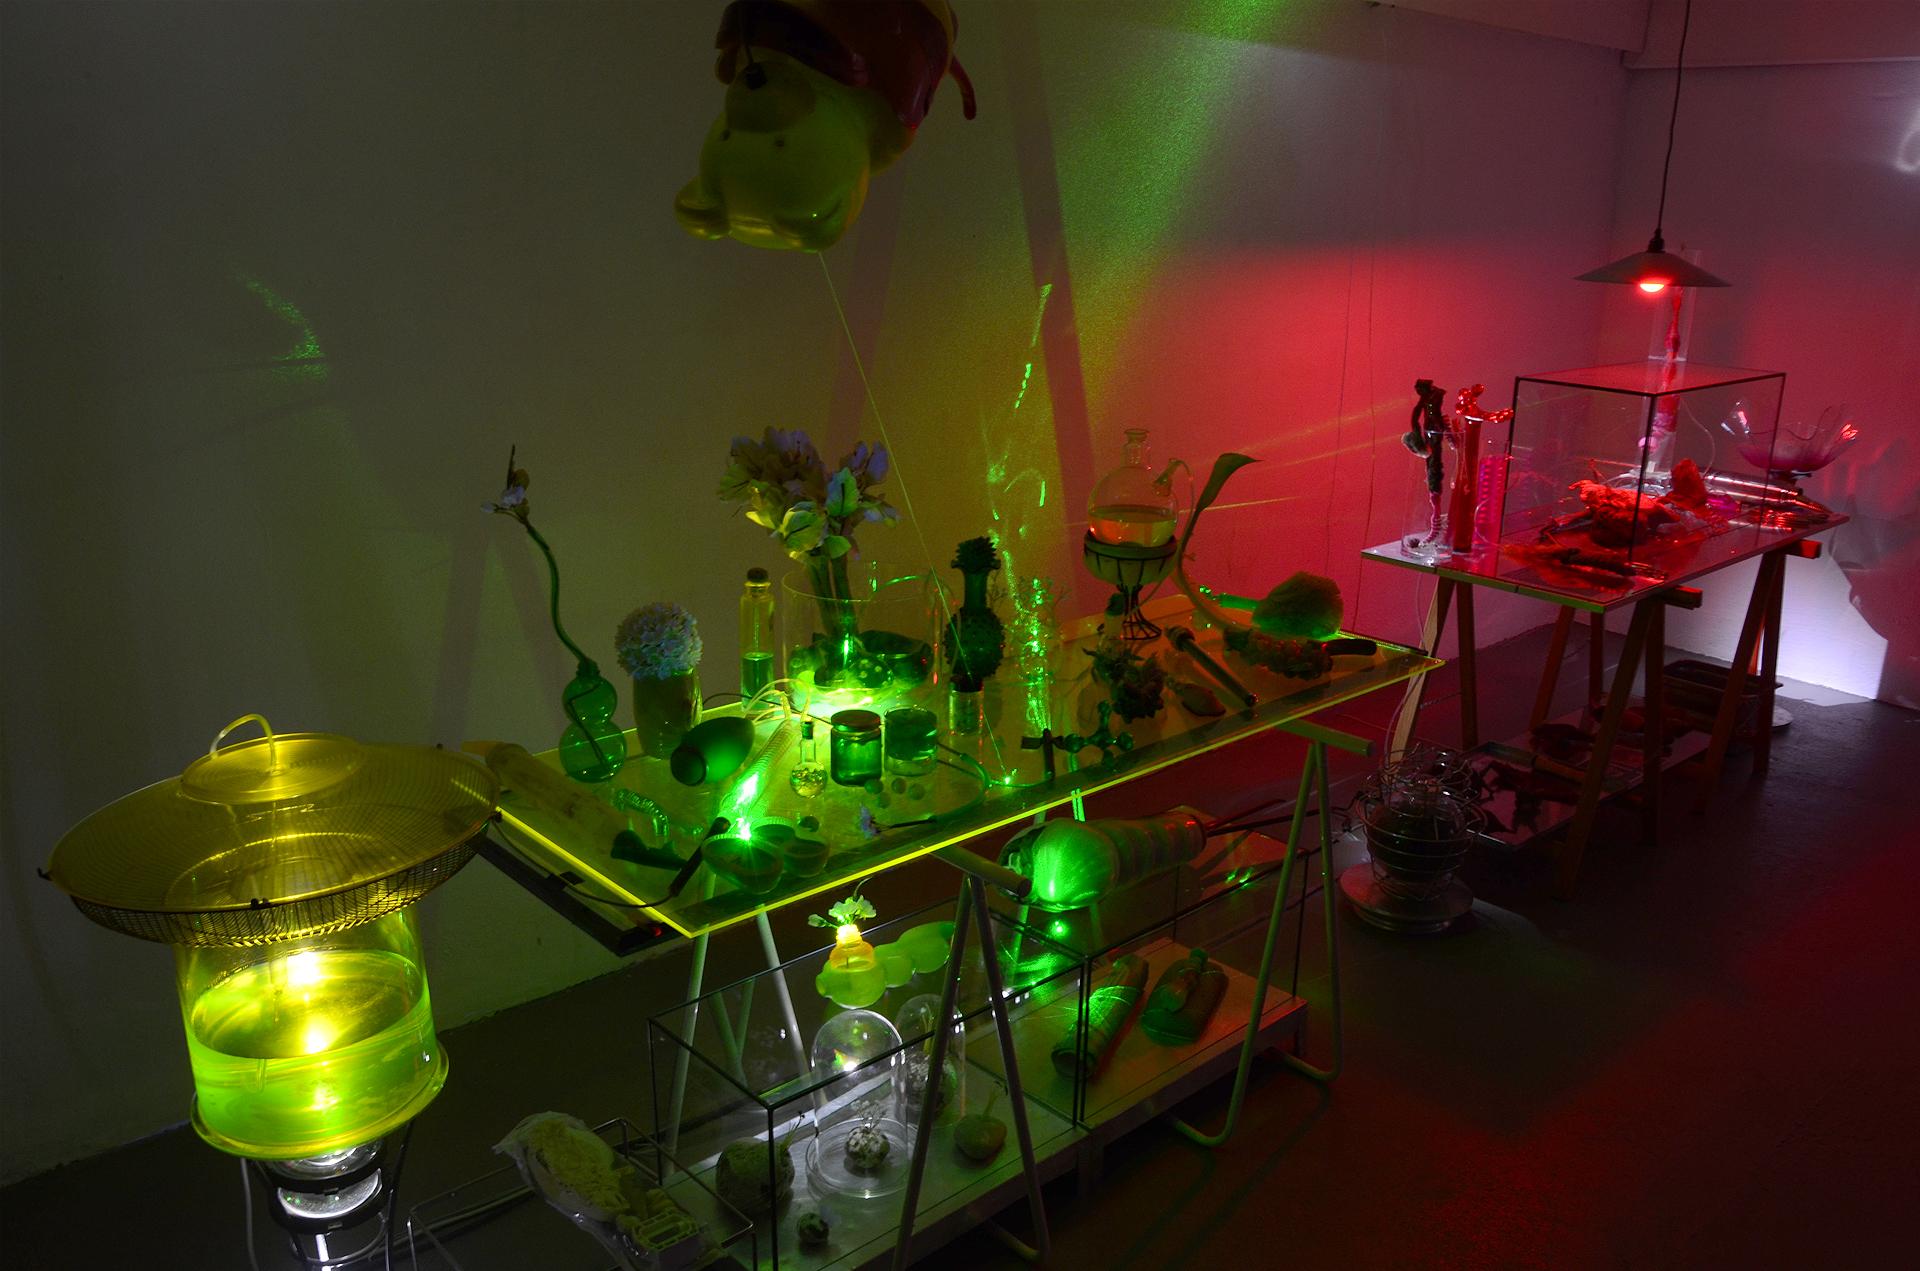 Ausstellungsansicht der Installation Transnature von Stefan Zoellner im Saarländischen Künstlerhaus | Grüner Labortisch